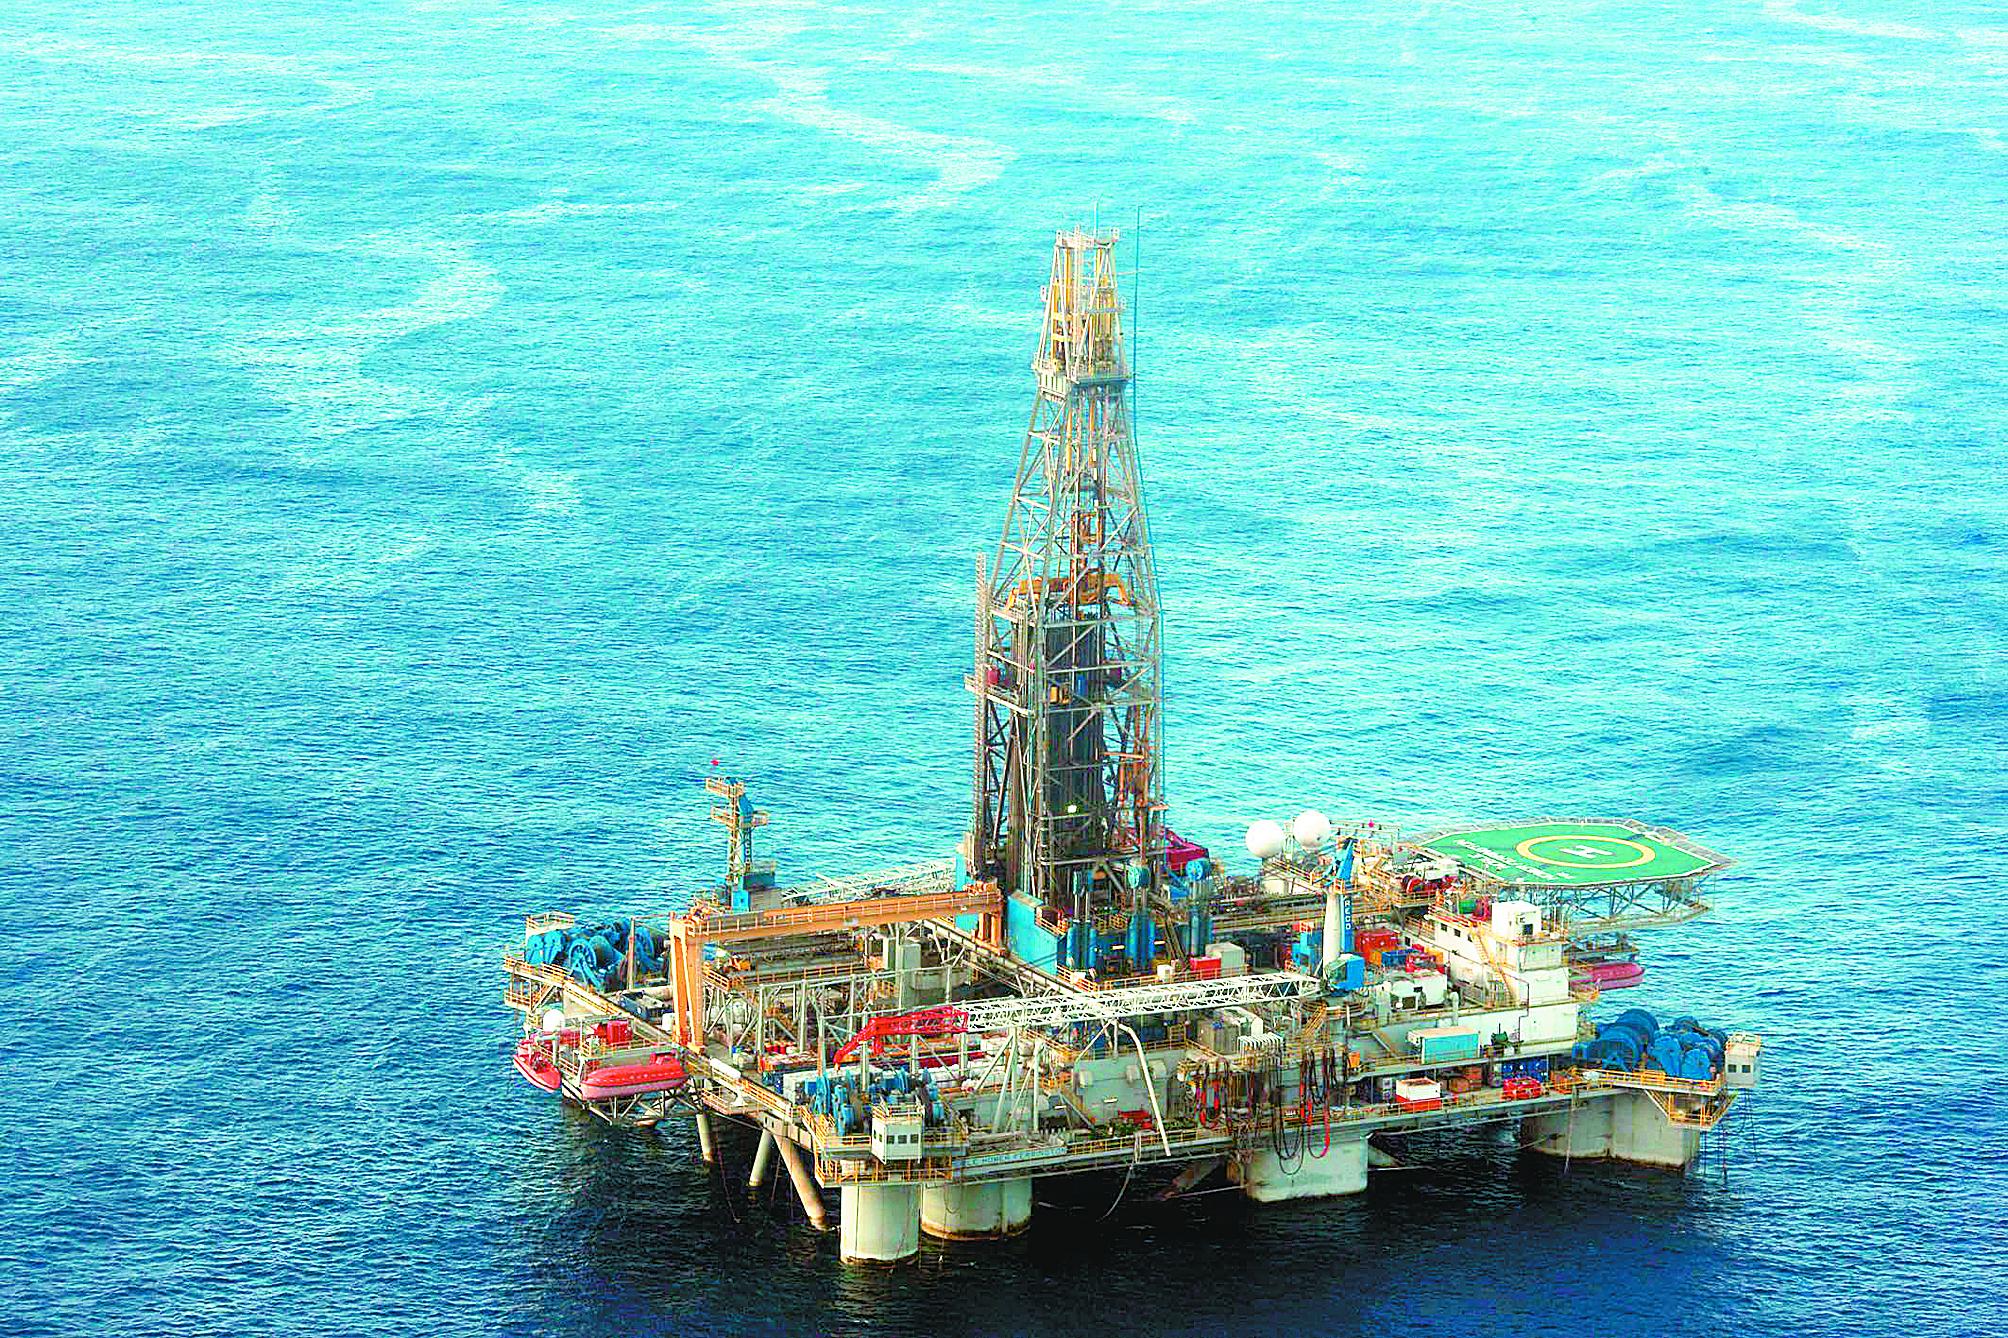 Συνεκμετάλλευση φυσικού αερίου συμφώνησαν Κύπρος-Αίγυπτος | tovima.gr